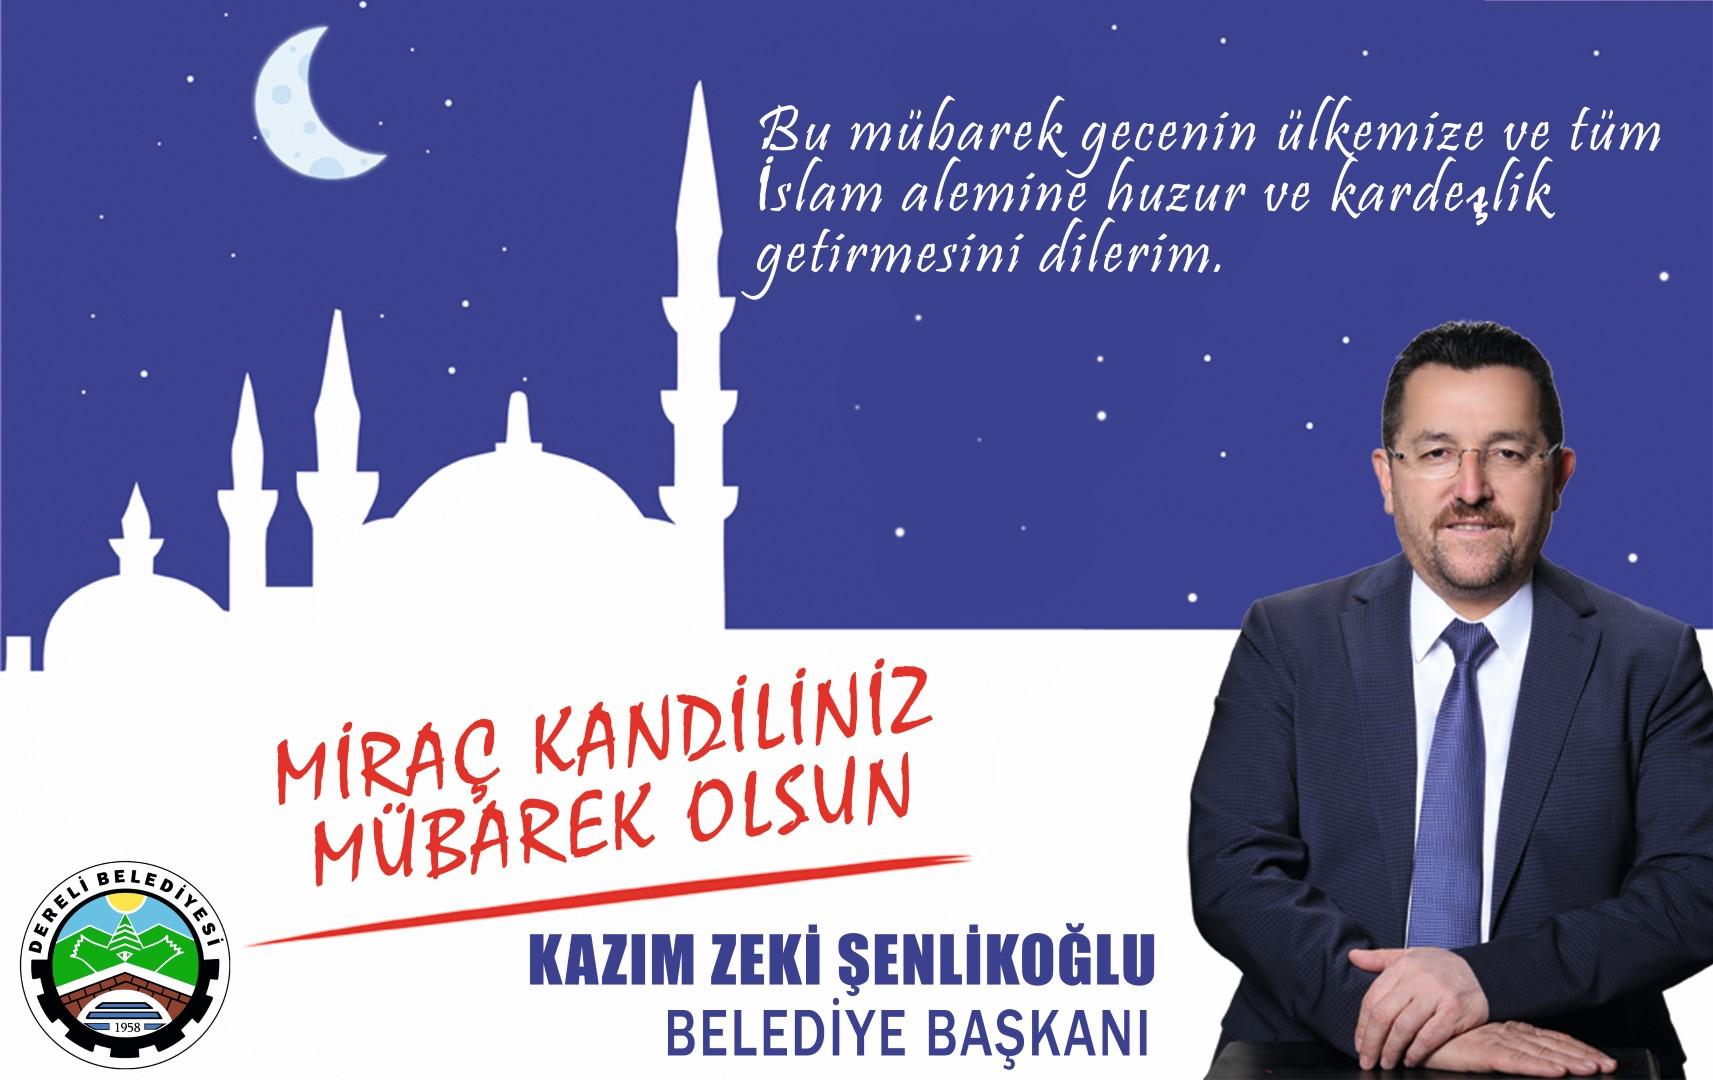 MİRAÇ KANDİLİ (Large)